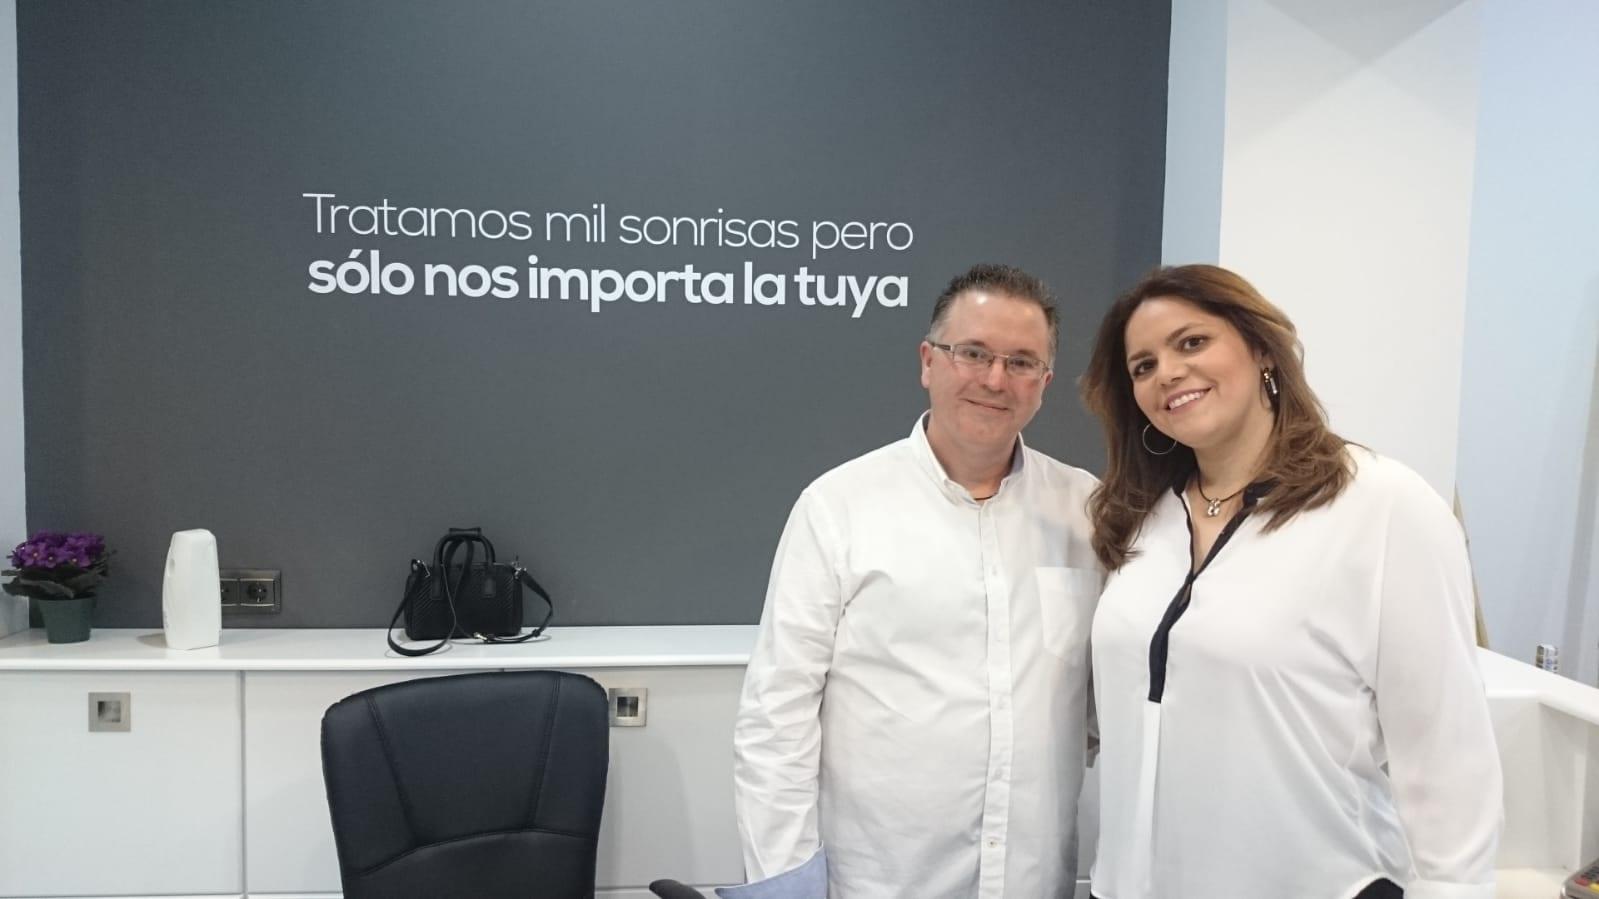 FOTO DE CEO